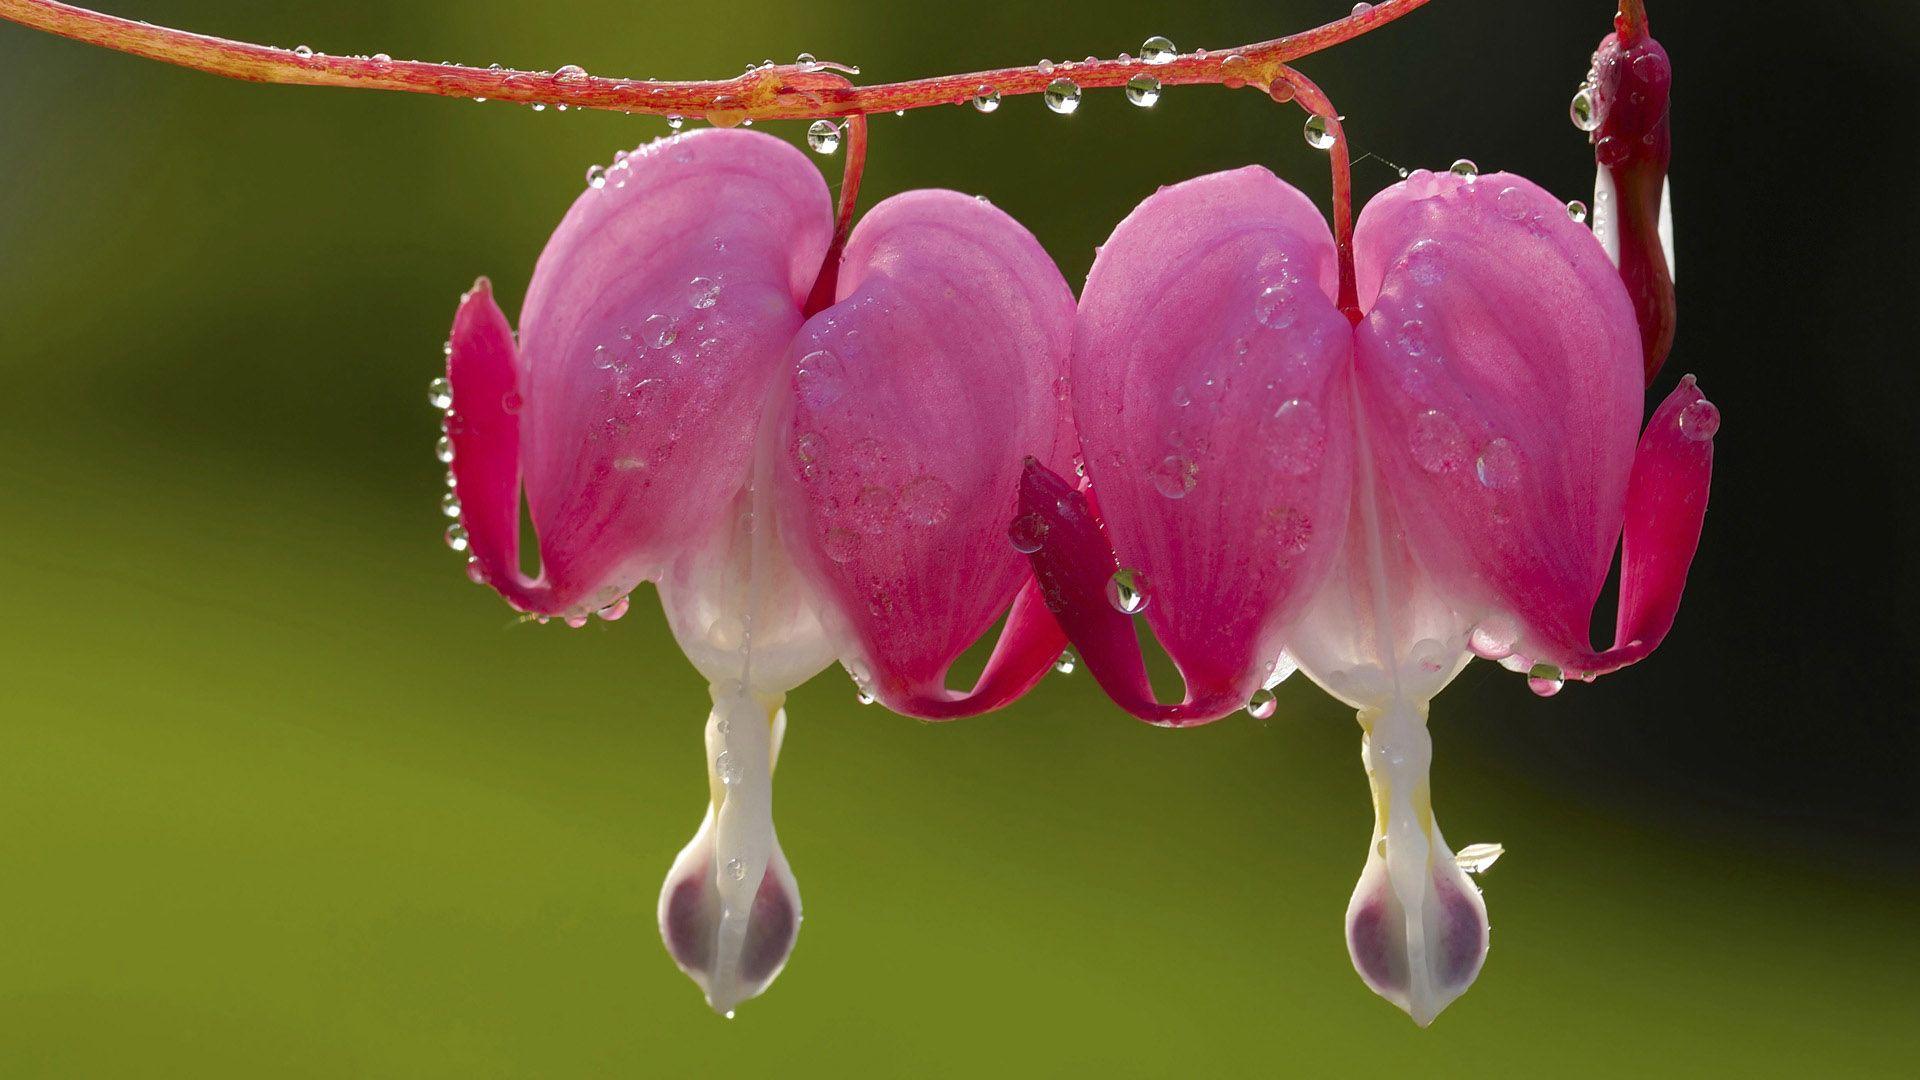 К чему снится два цветка растут рядом с необычными лепестками